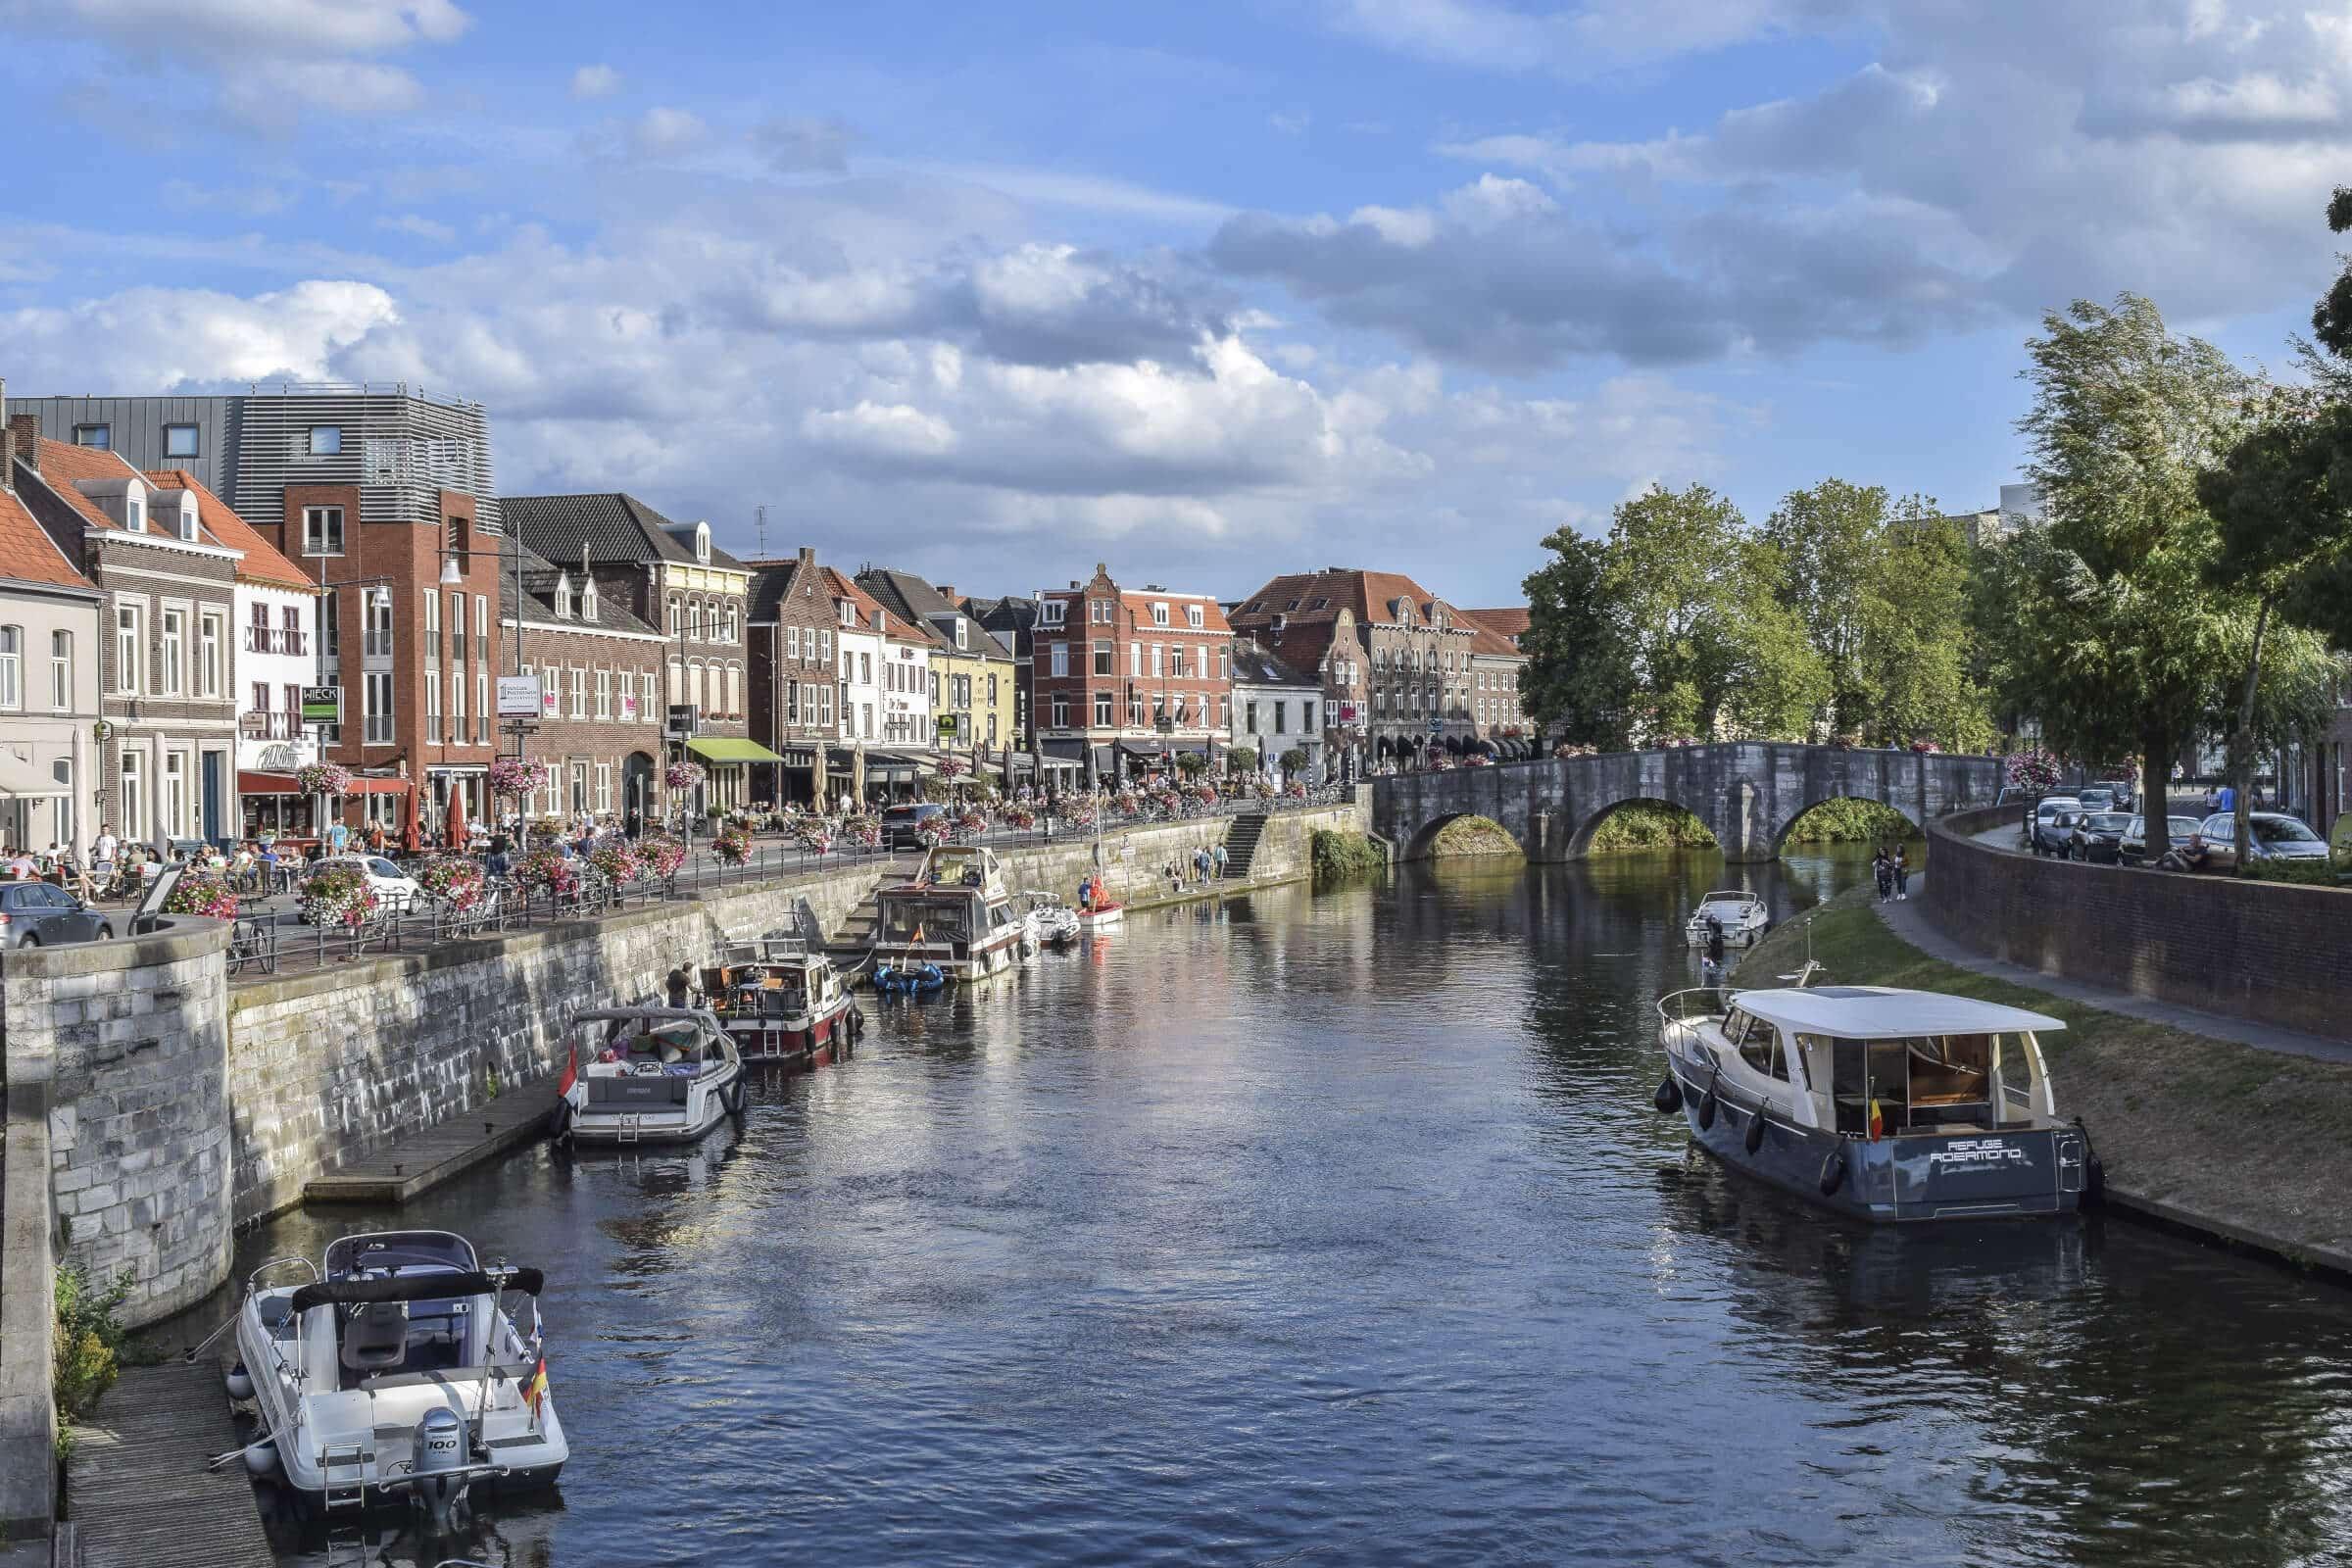 Einkaufen in Holland Supermarkt holland Kaffee in Holland kaufen Einkaufen Holland Grenze